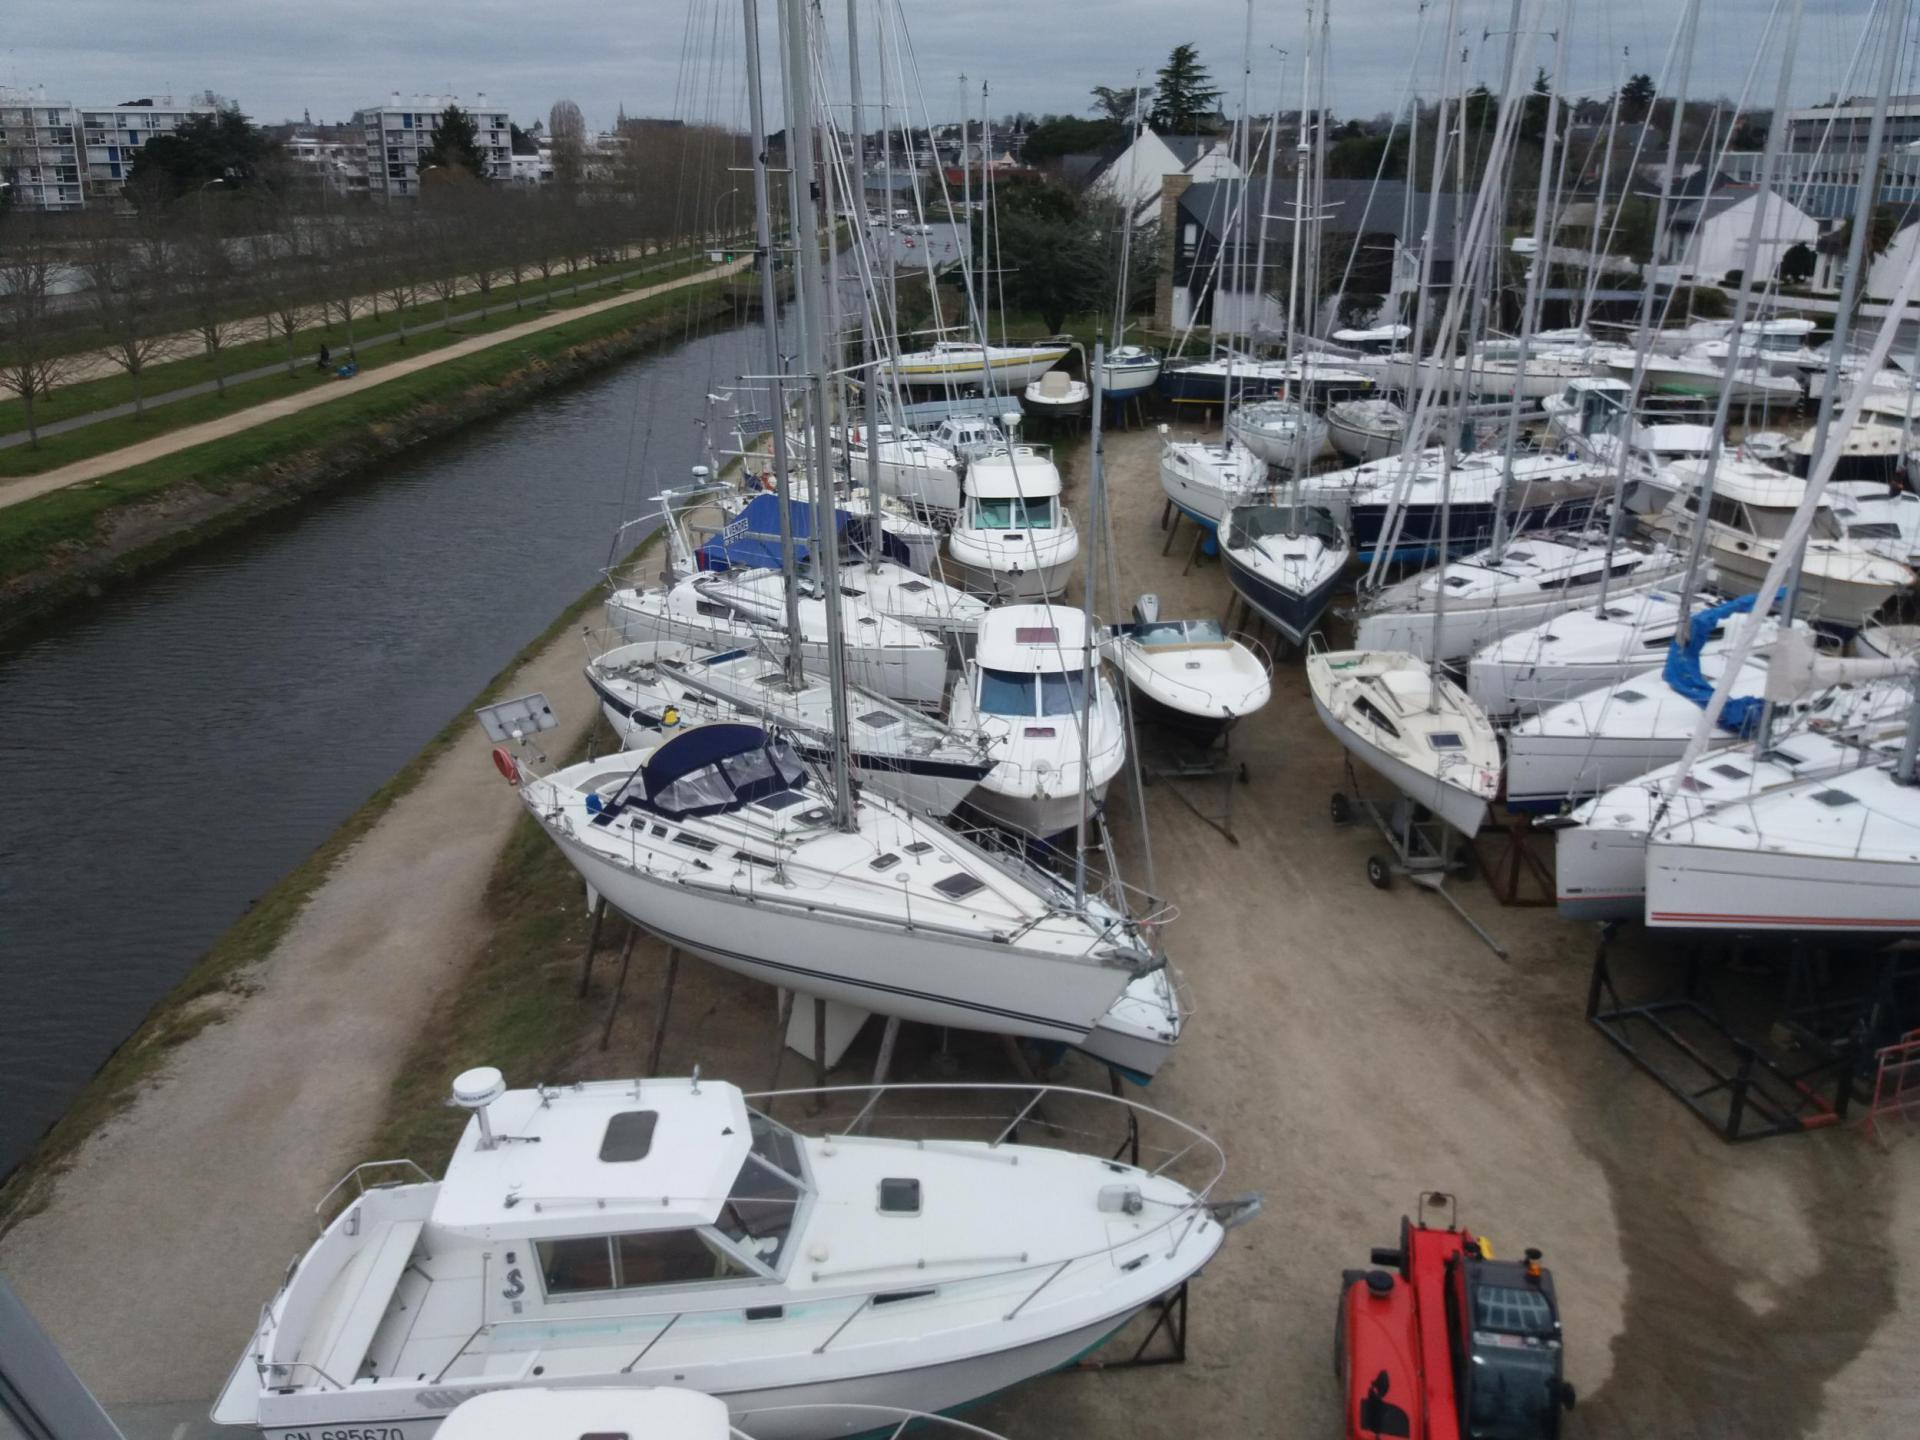 chantier naval west yachting vannes stockage de bateau